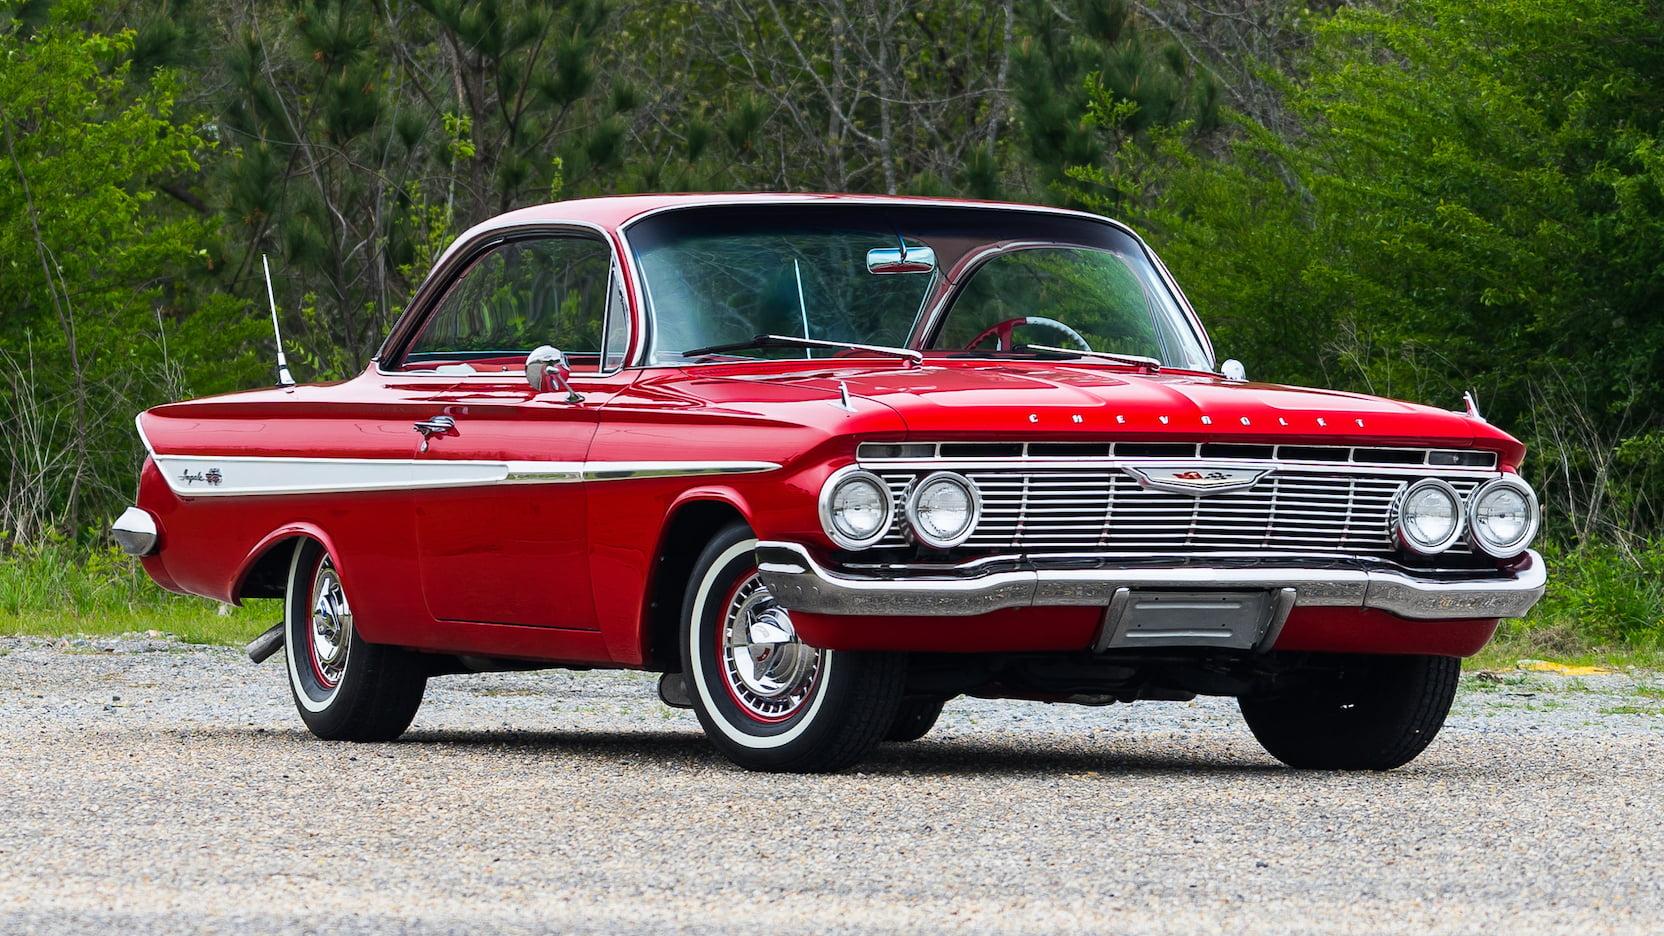 Kelebihan Kekurangan Impala 61 Perbandingan Harga